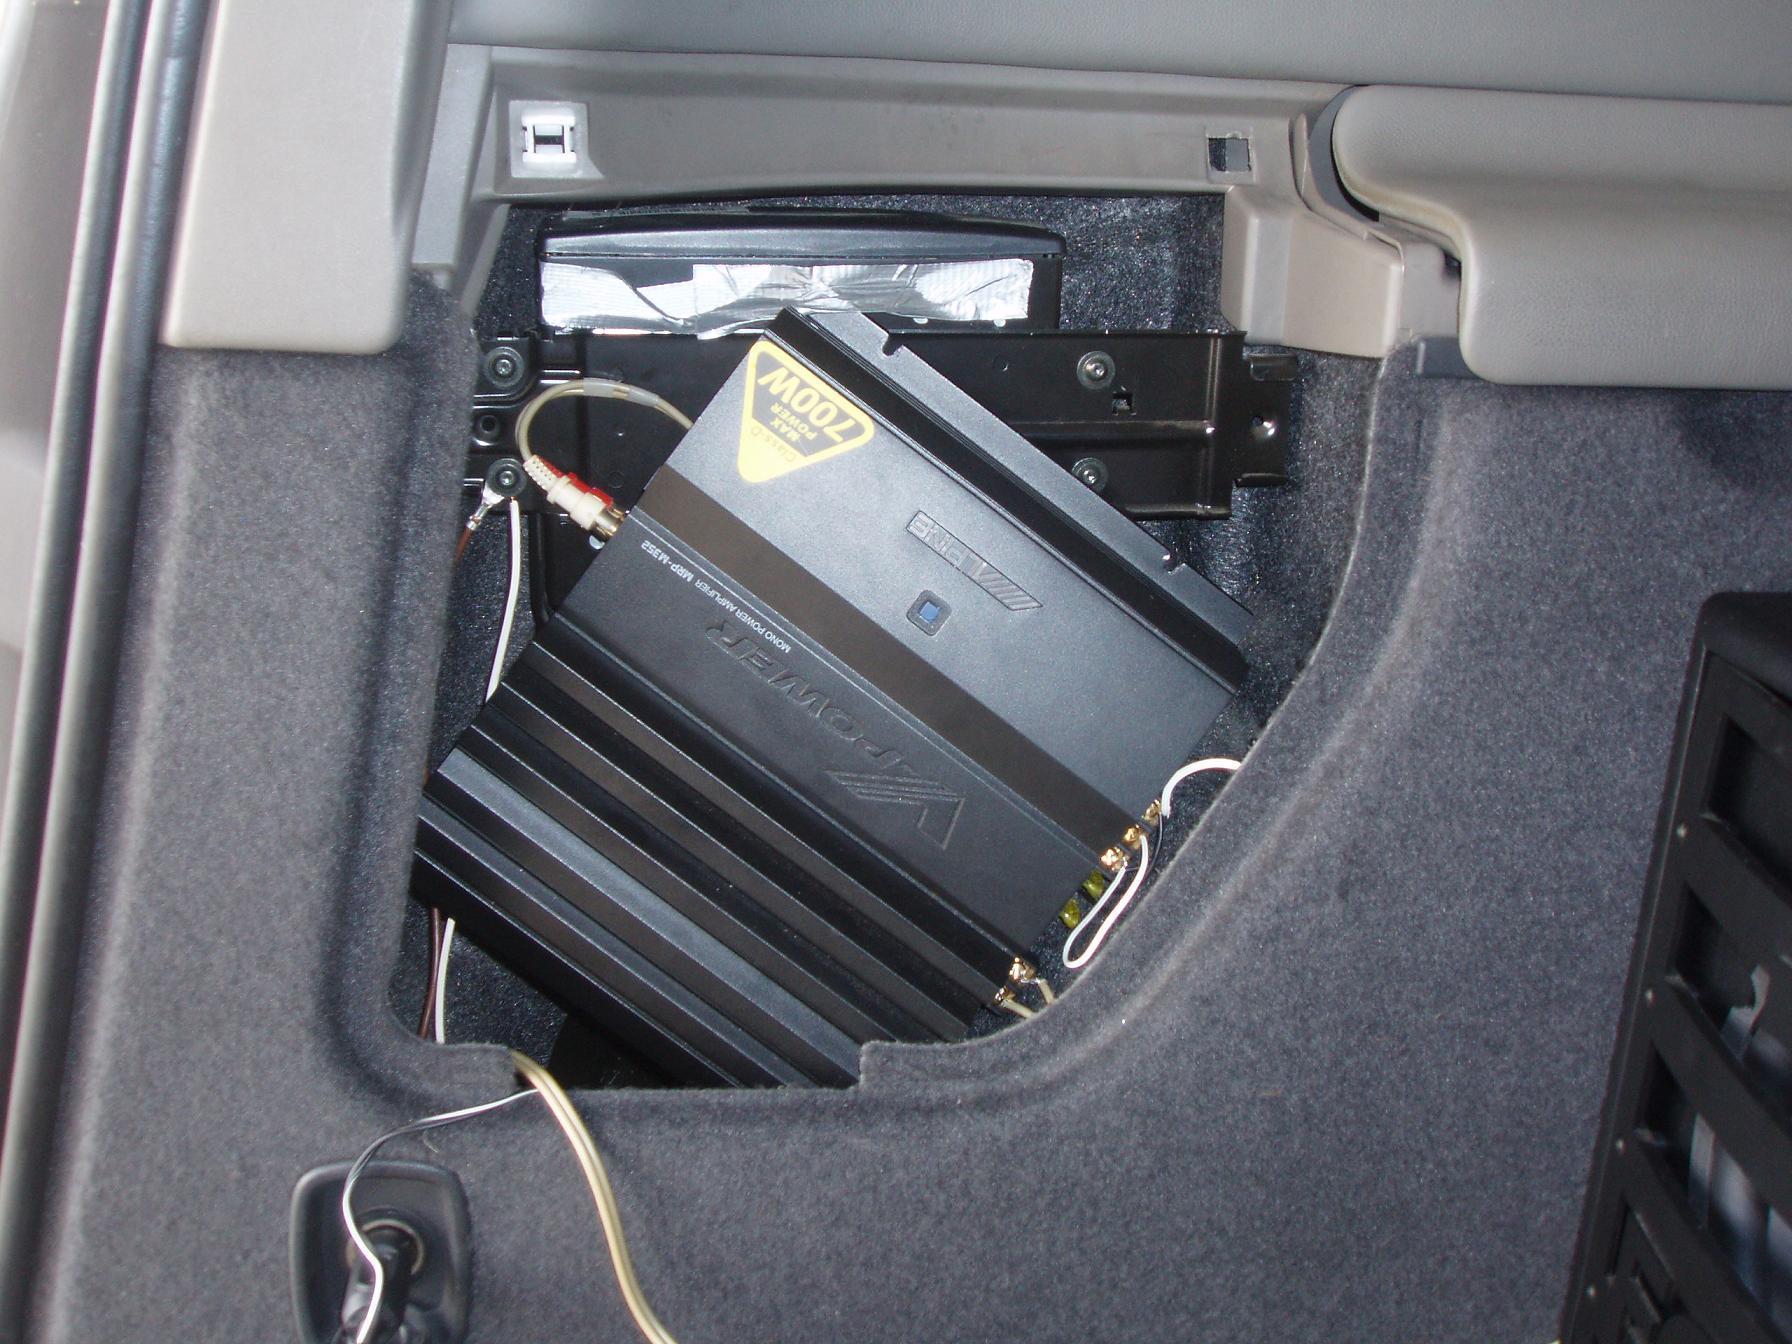 Espace Iv Audio Am 233 Lioration P108 Plan 232 Te Renault